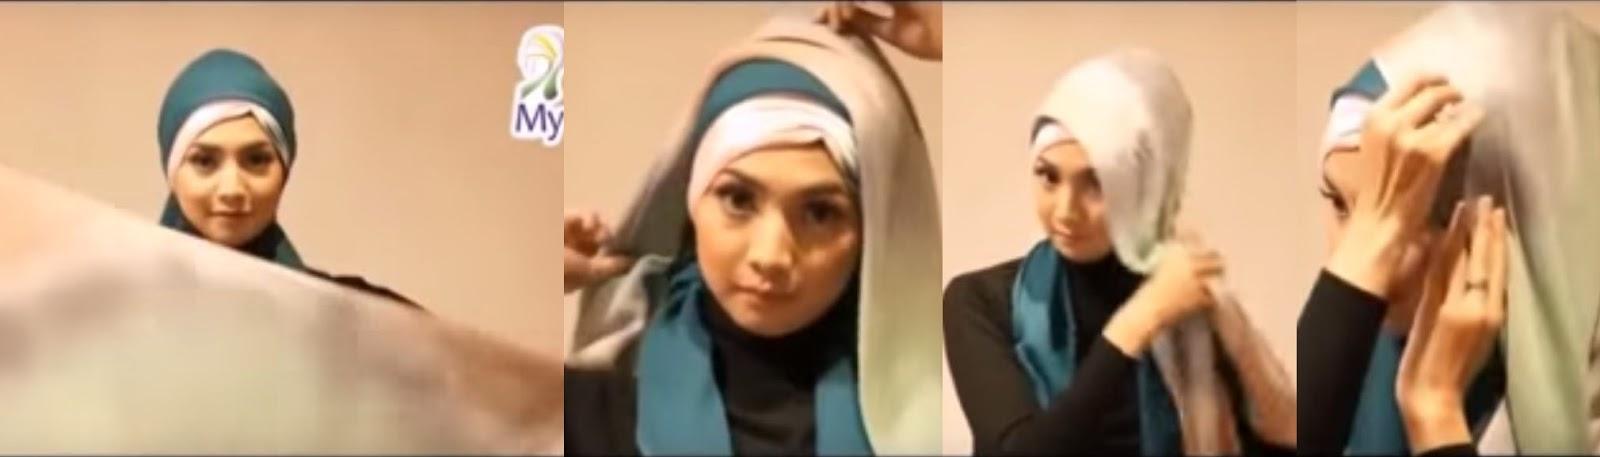 tutorial hijab wisuda pesta3